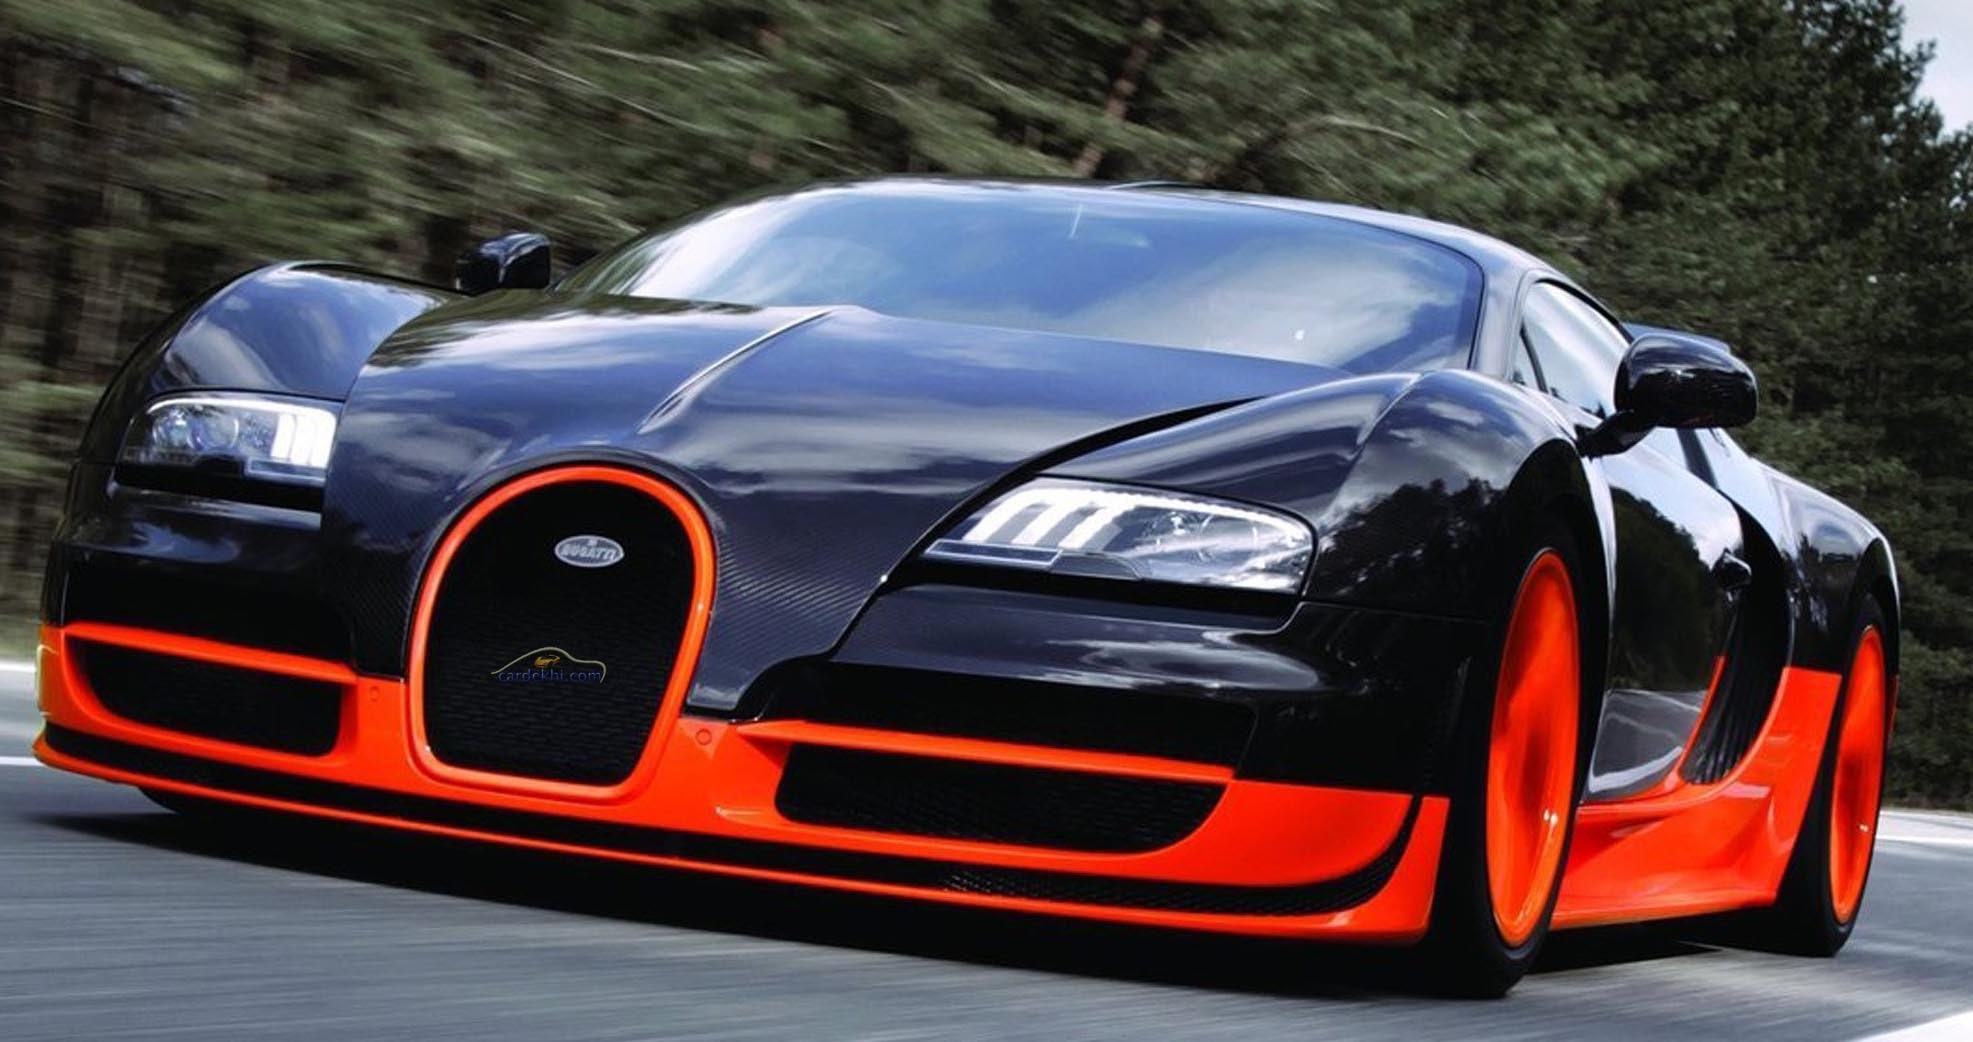 صورة اسرع سيارة في العالم , تعرف علي اسرع سيارة في العالم